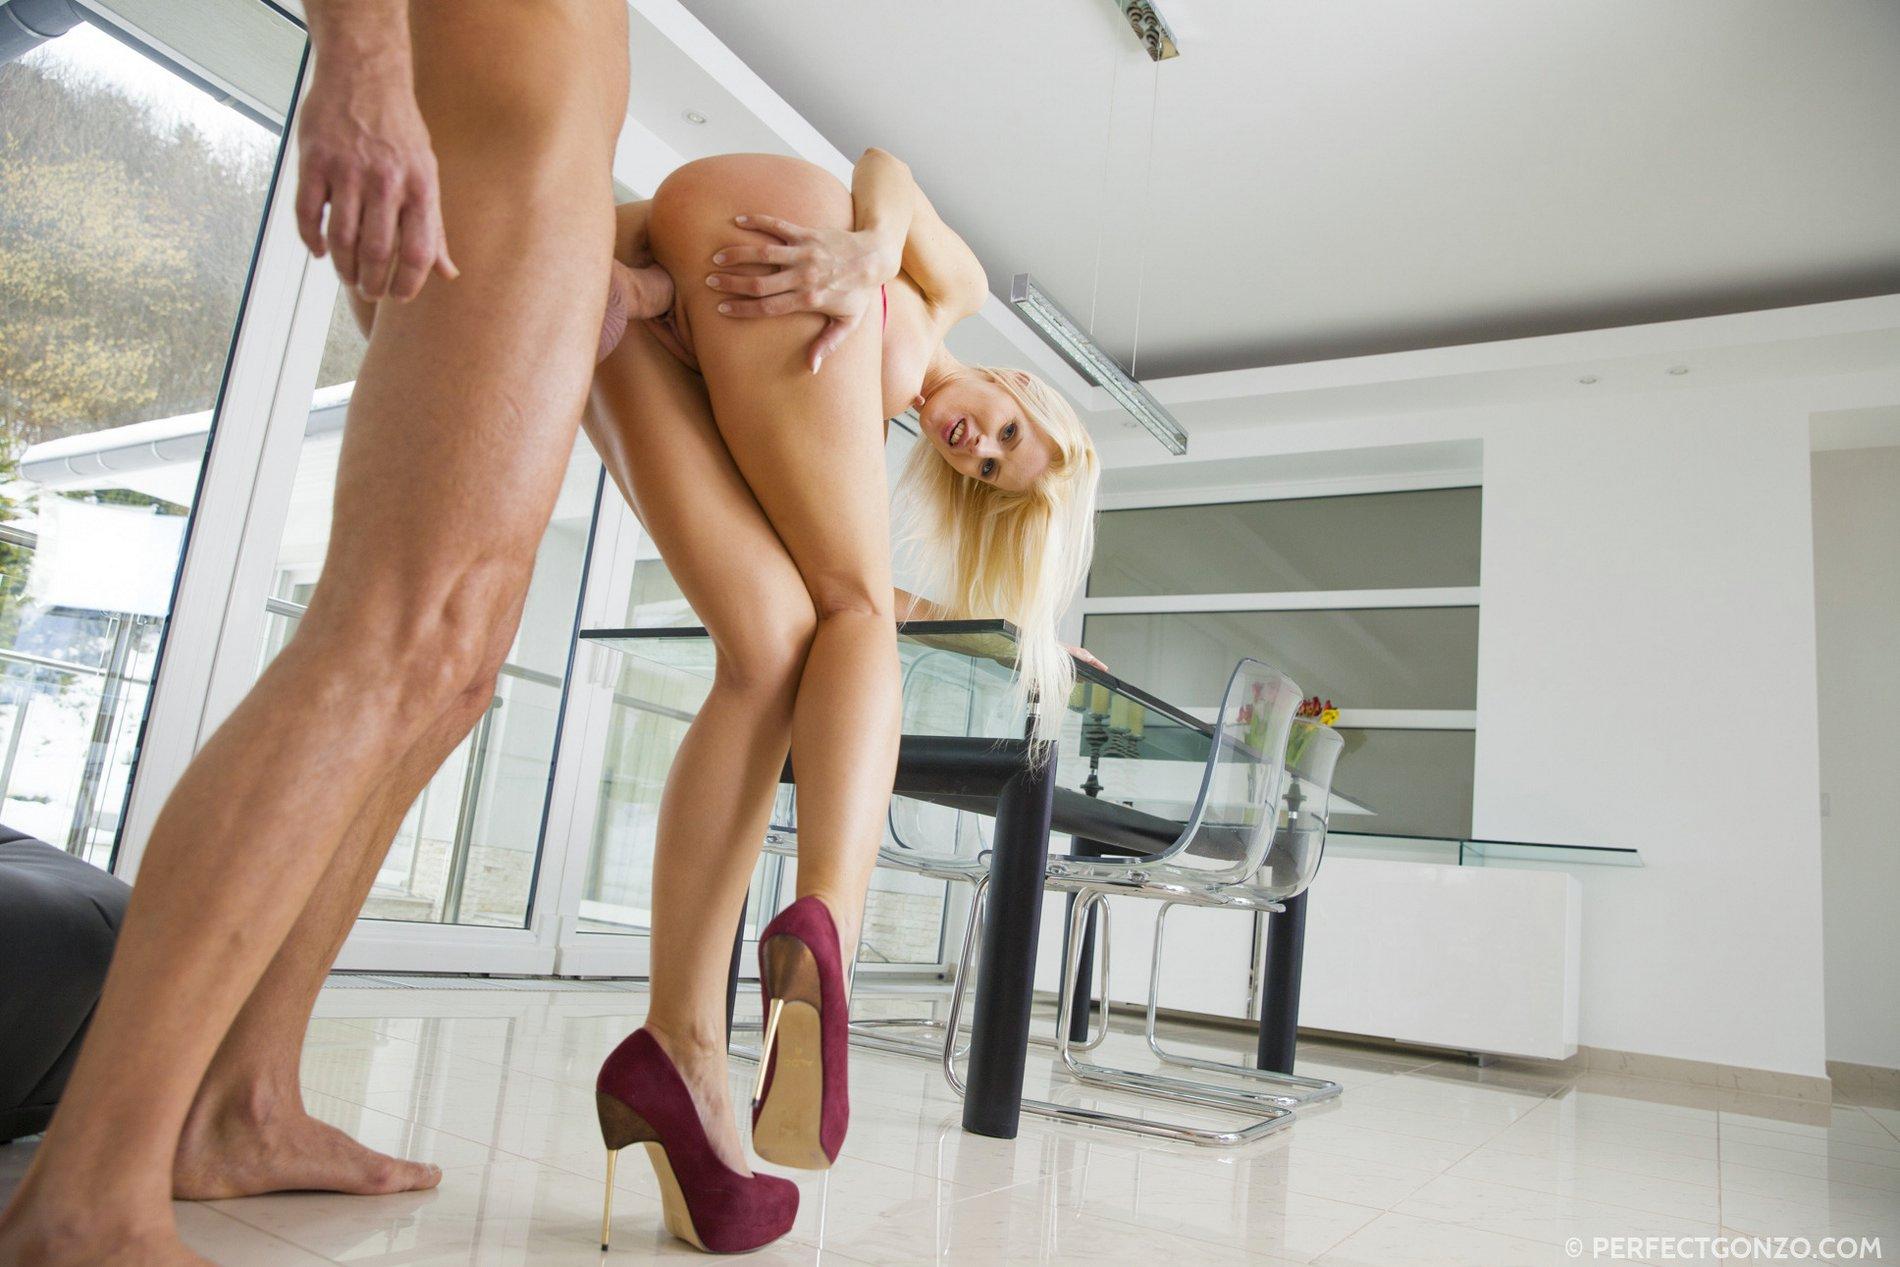 Fuck ass my wife mi esposa le gusta por el culo - 2 part 7